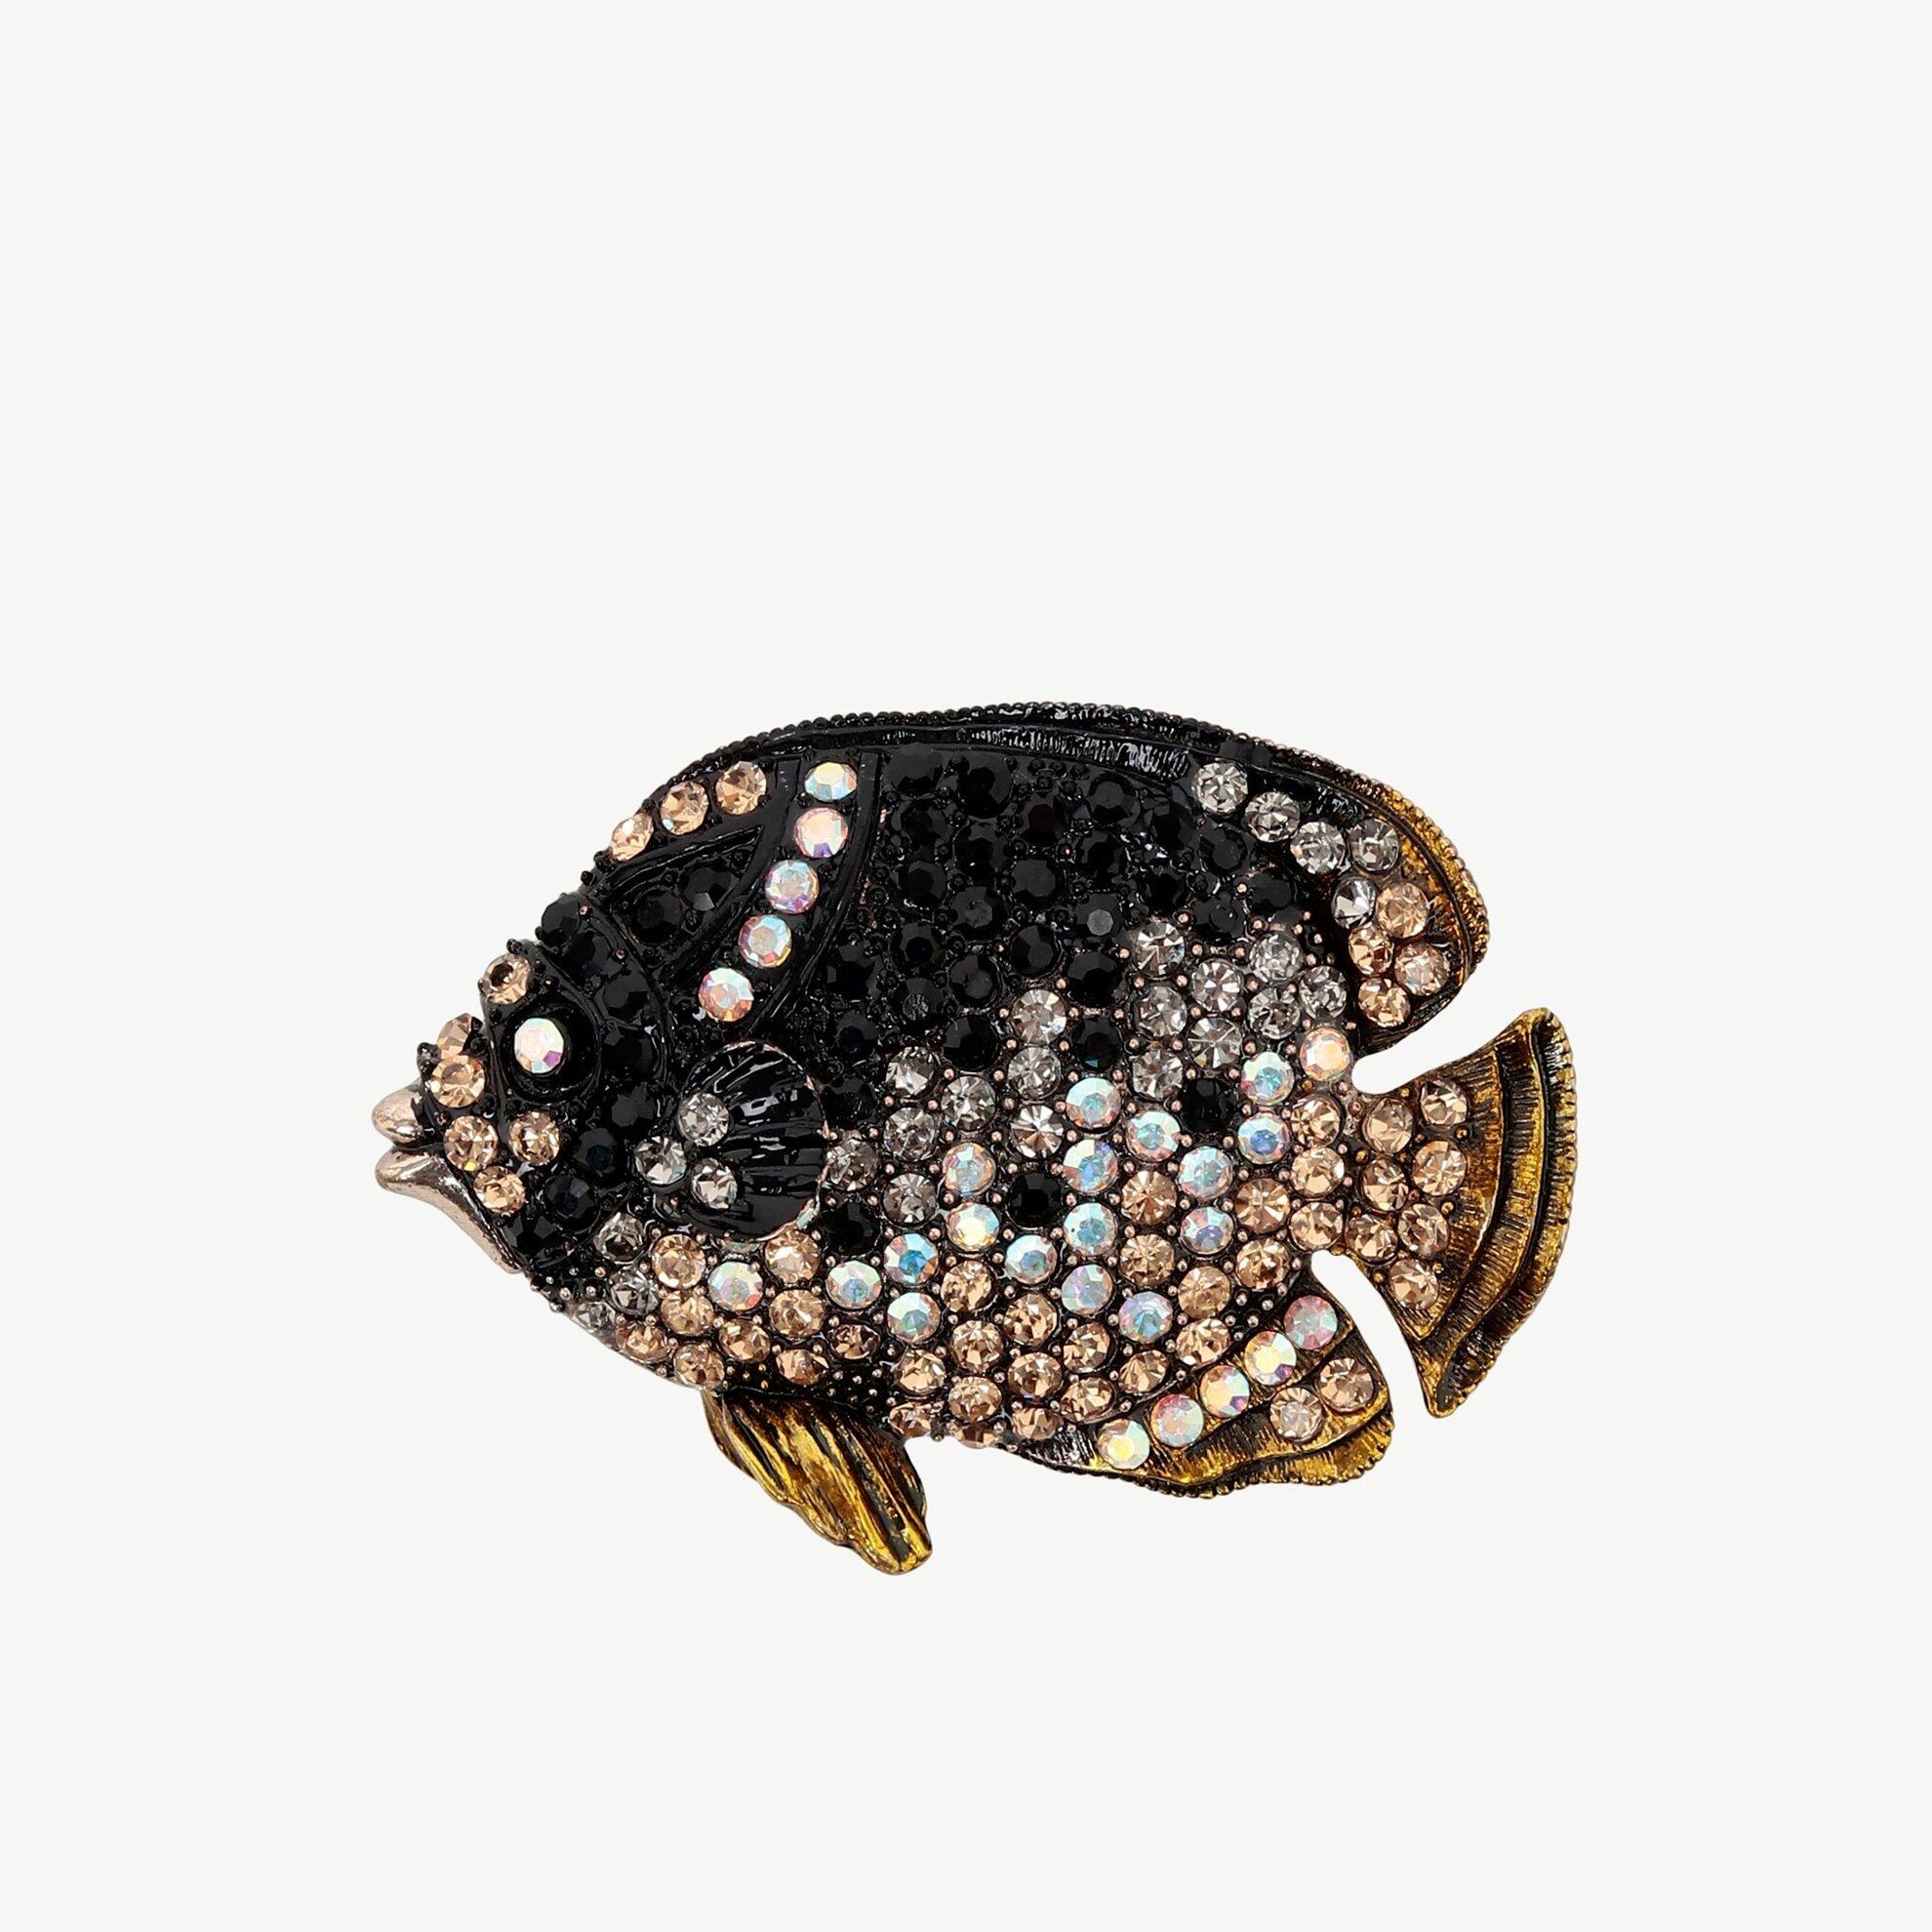 Taşlı Balık Desenli Broş